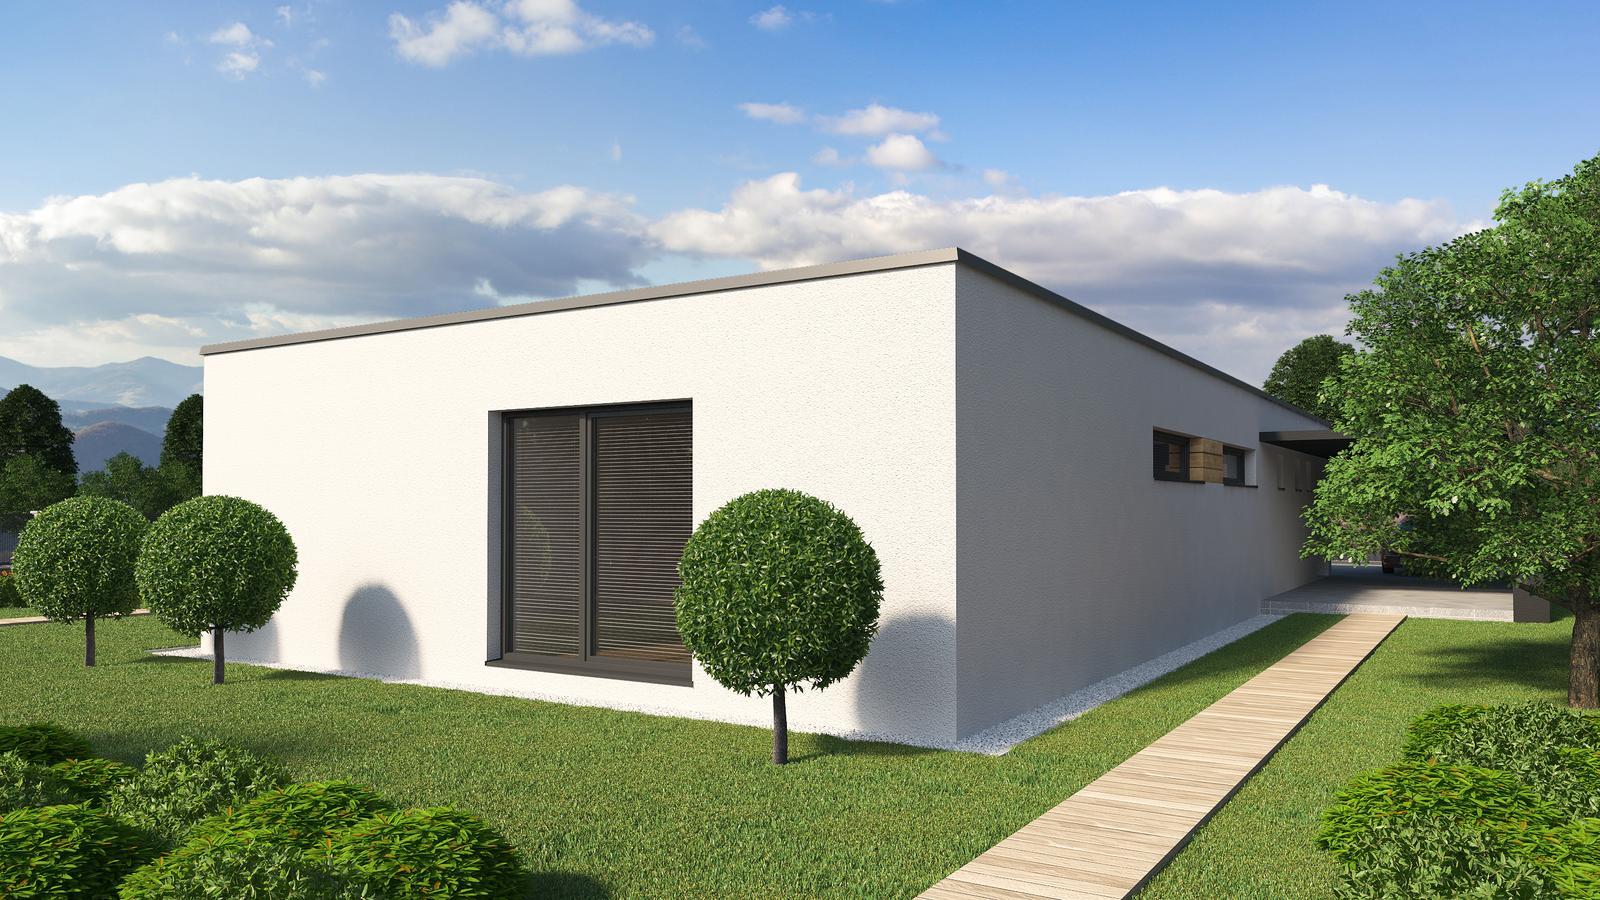 Ďalšie ukážky návrhov domčekov pre Vás - www.rodinny-dom.eu - Obrázok č. 35